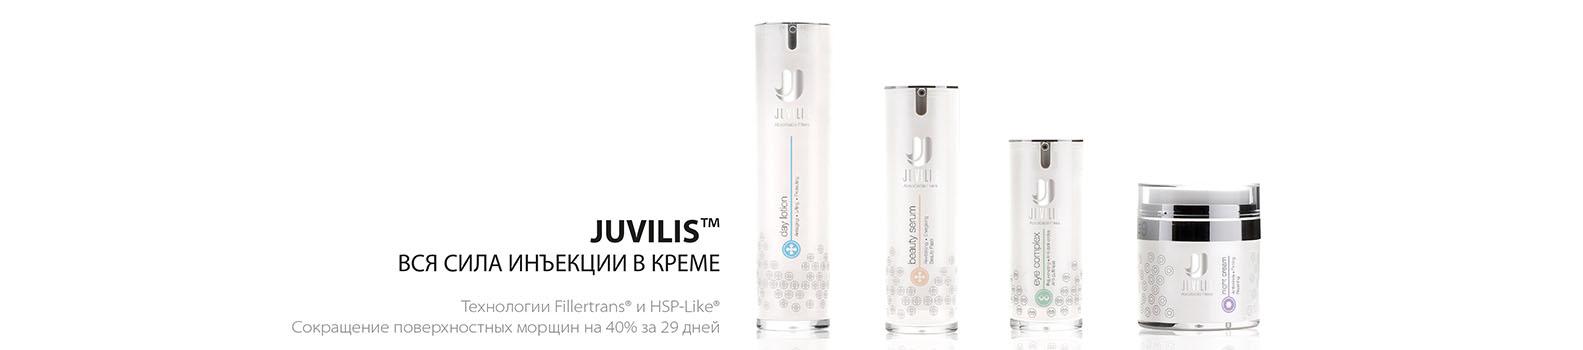 Juvilis-1